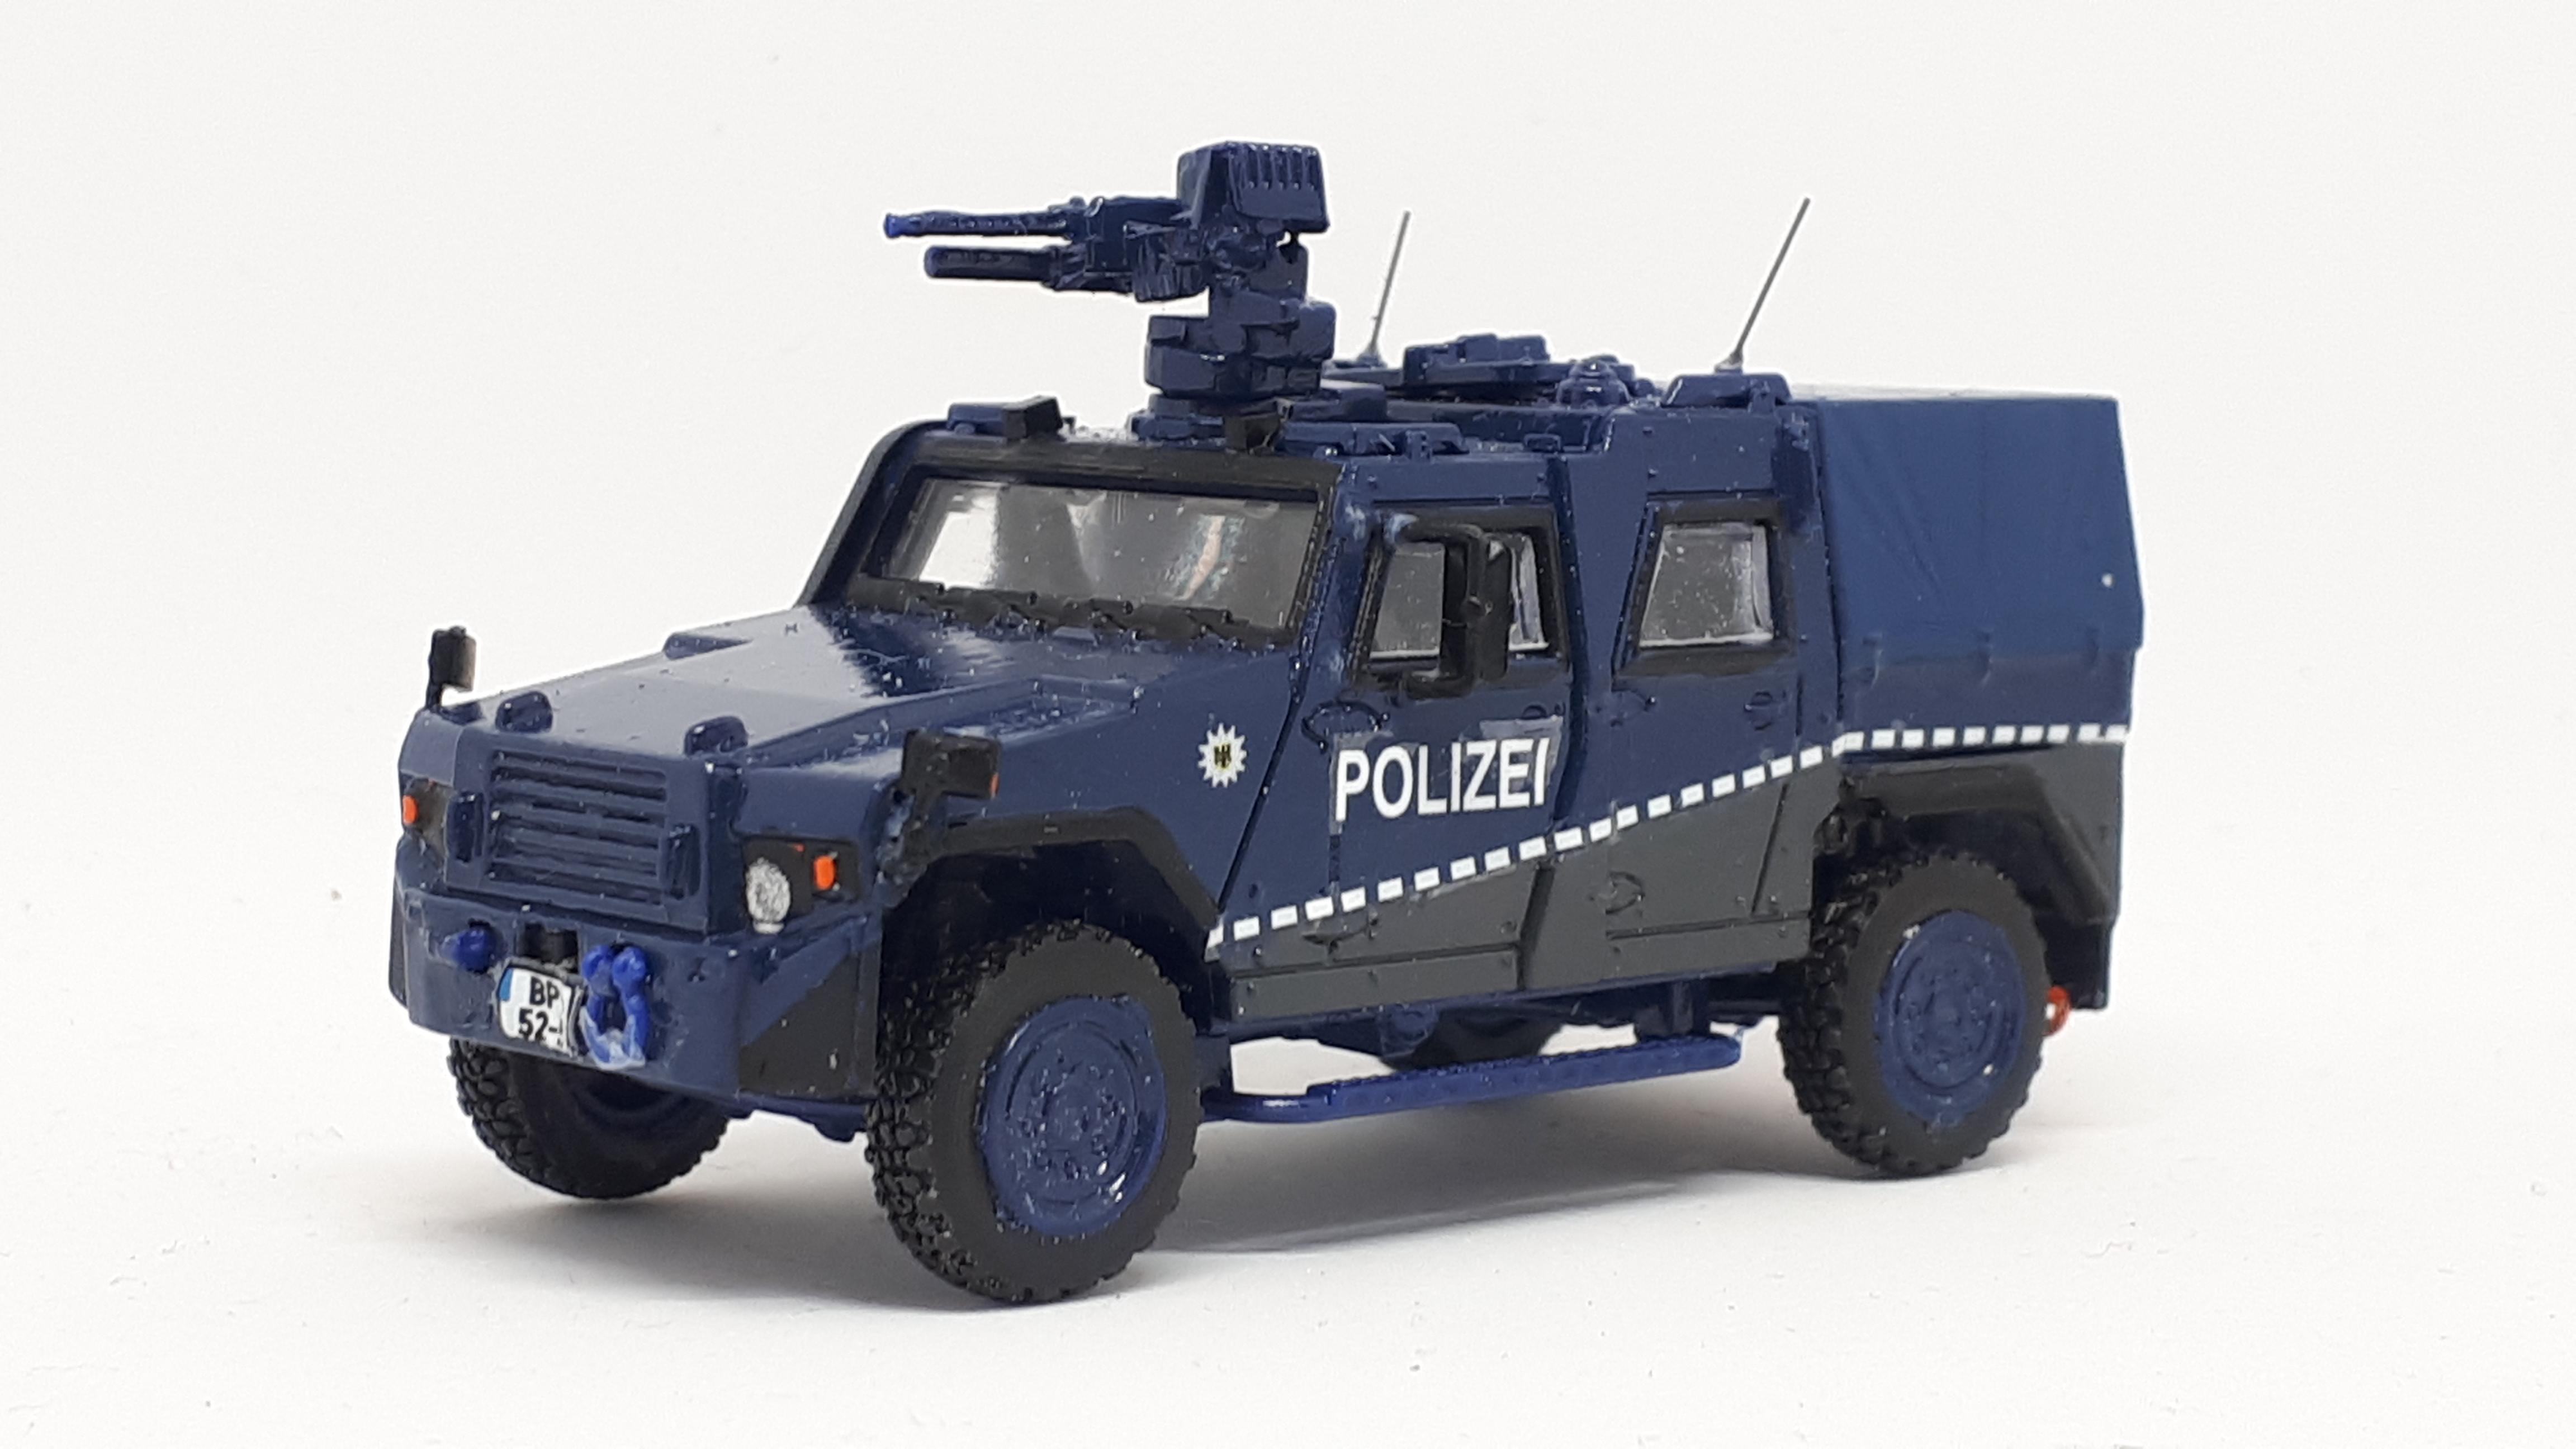 MOWAG EAGLE IV geschützter Sonderwagen der Bundespolizei mit Waffenanlage